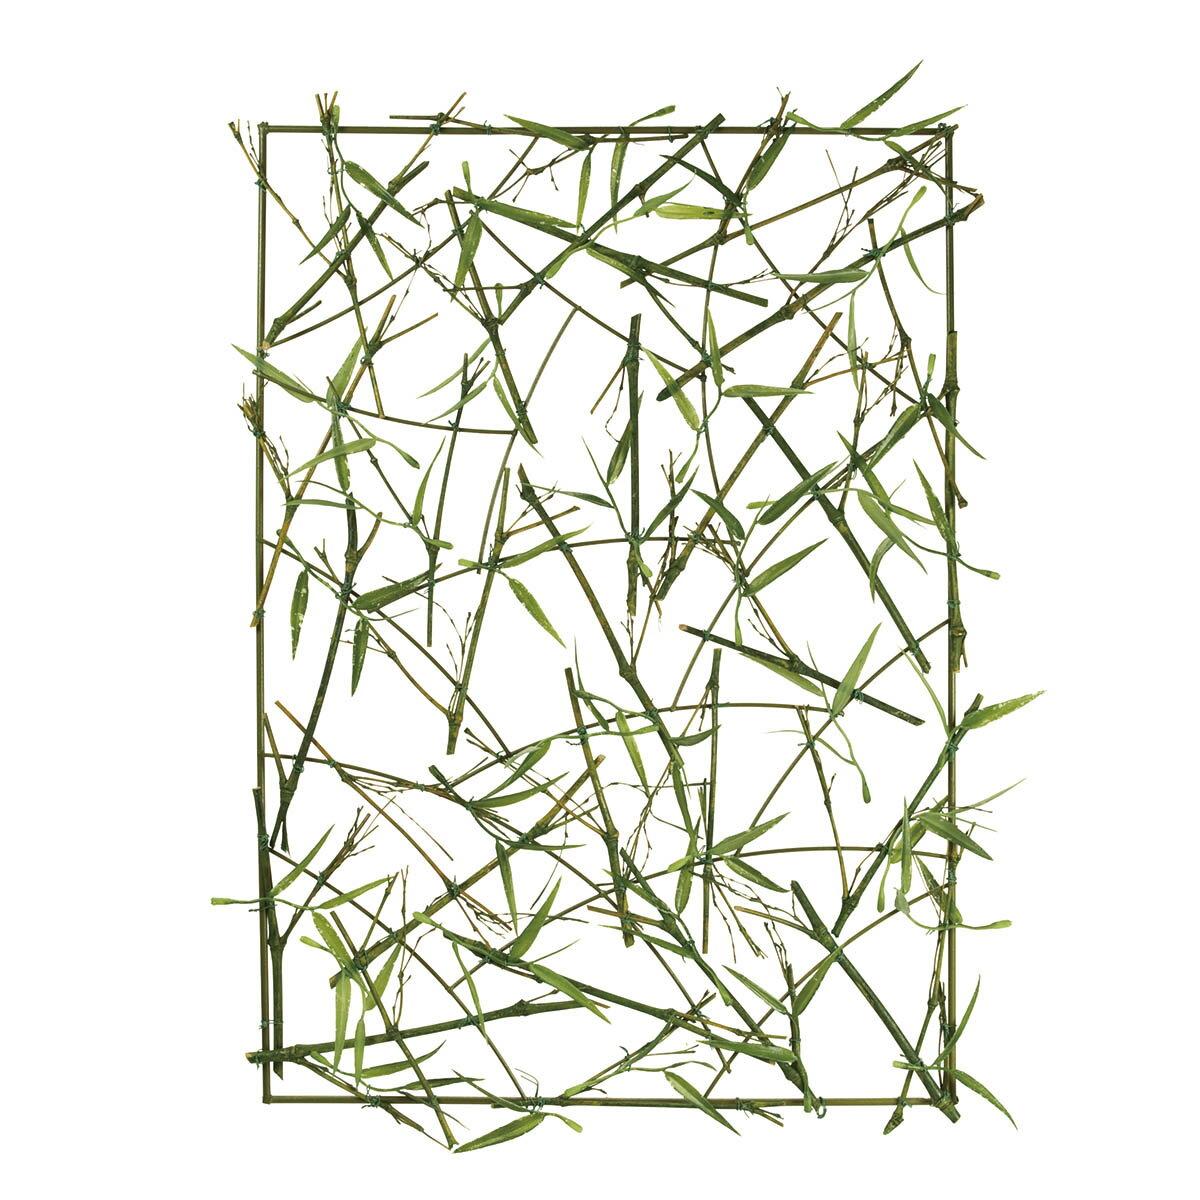 【造花】MAGIQ(東京堂)/バンブーフェンス グリーン/FG001689【01】【01】【取寄】《 造花(アーティフィシャルフラワー) 造花枝物 松、竹 》